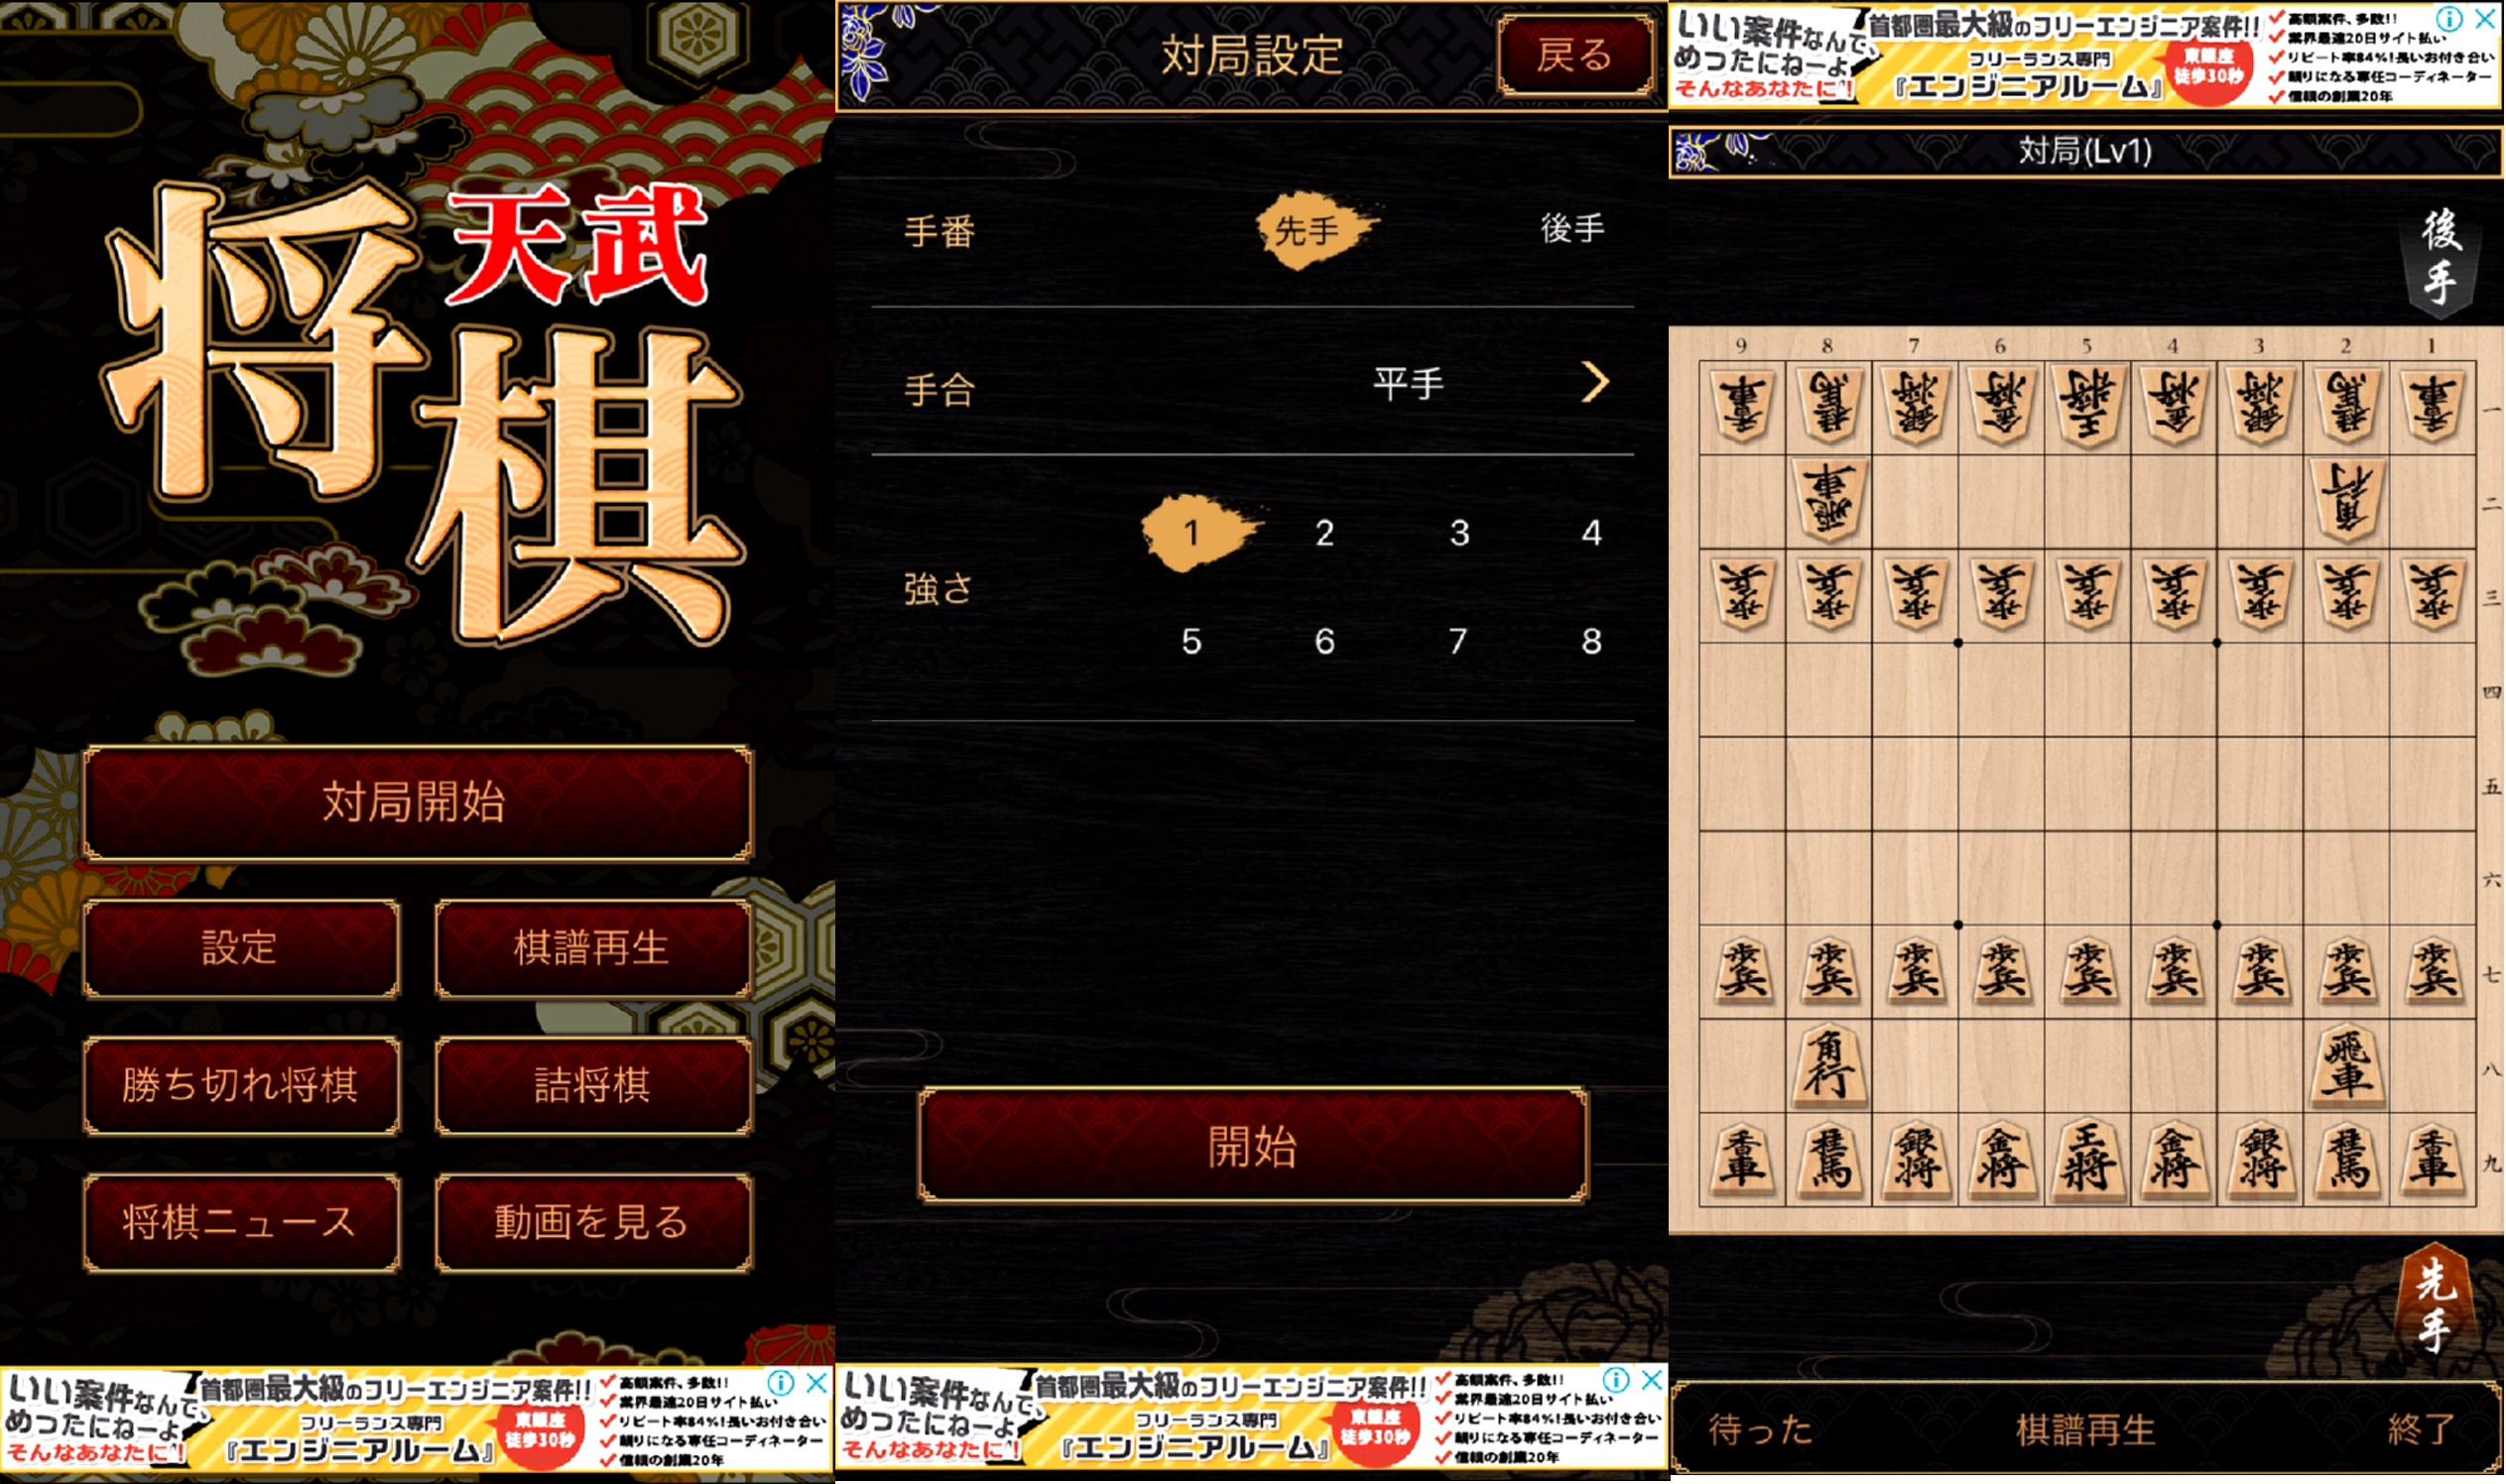 将棋 ゲーム アプリ 無料